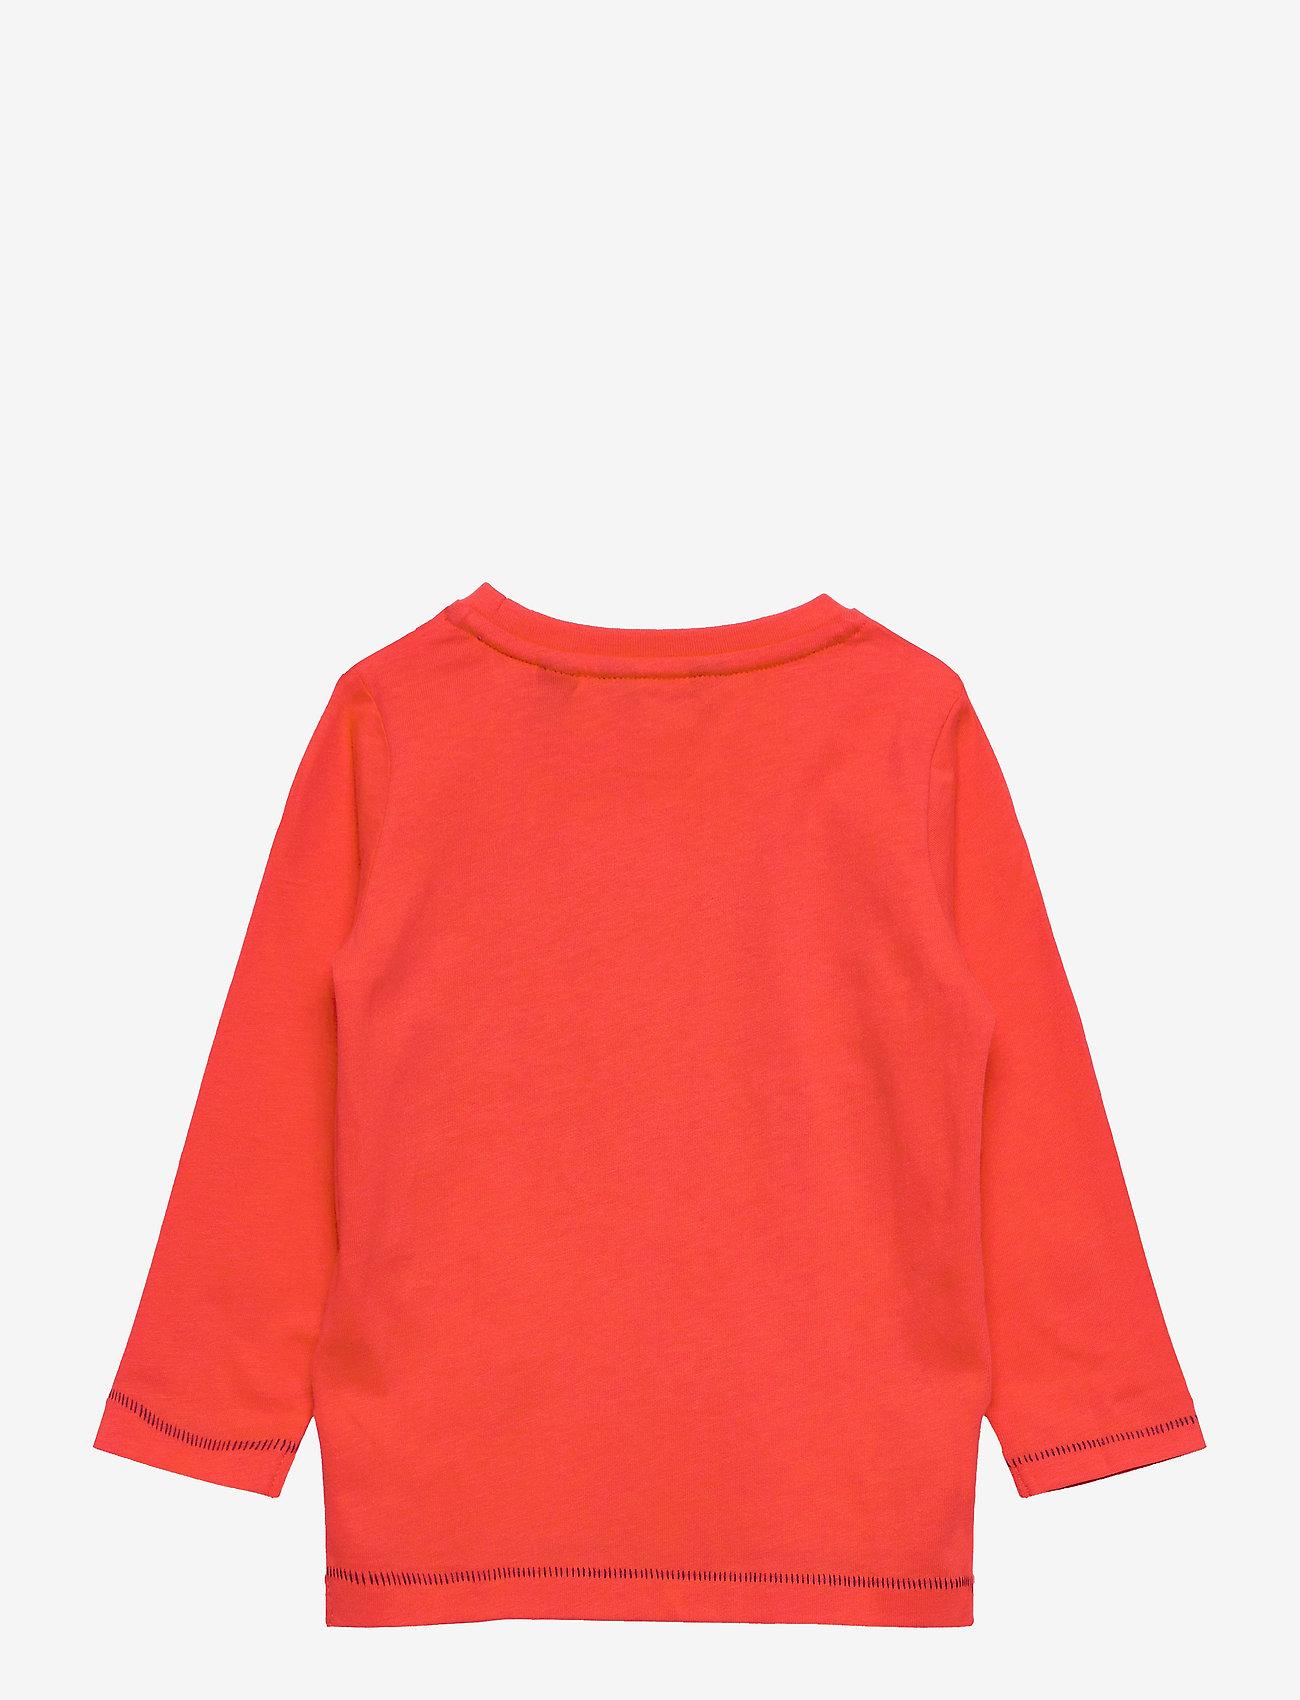 Skodon heta produkter varm försäljning D1. Gant Sport Ls T-shirt (Atomic Orange) (29 €) - GANT - | Boozt.com